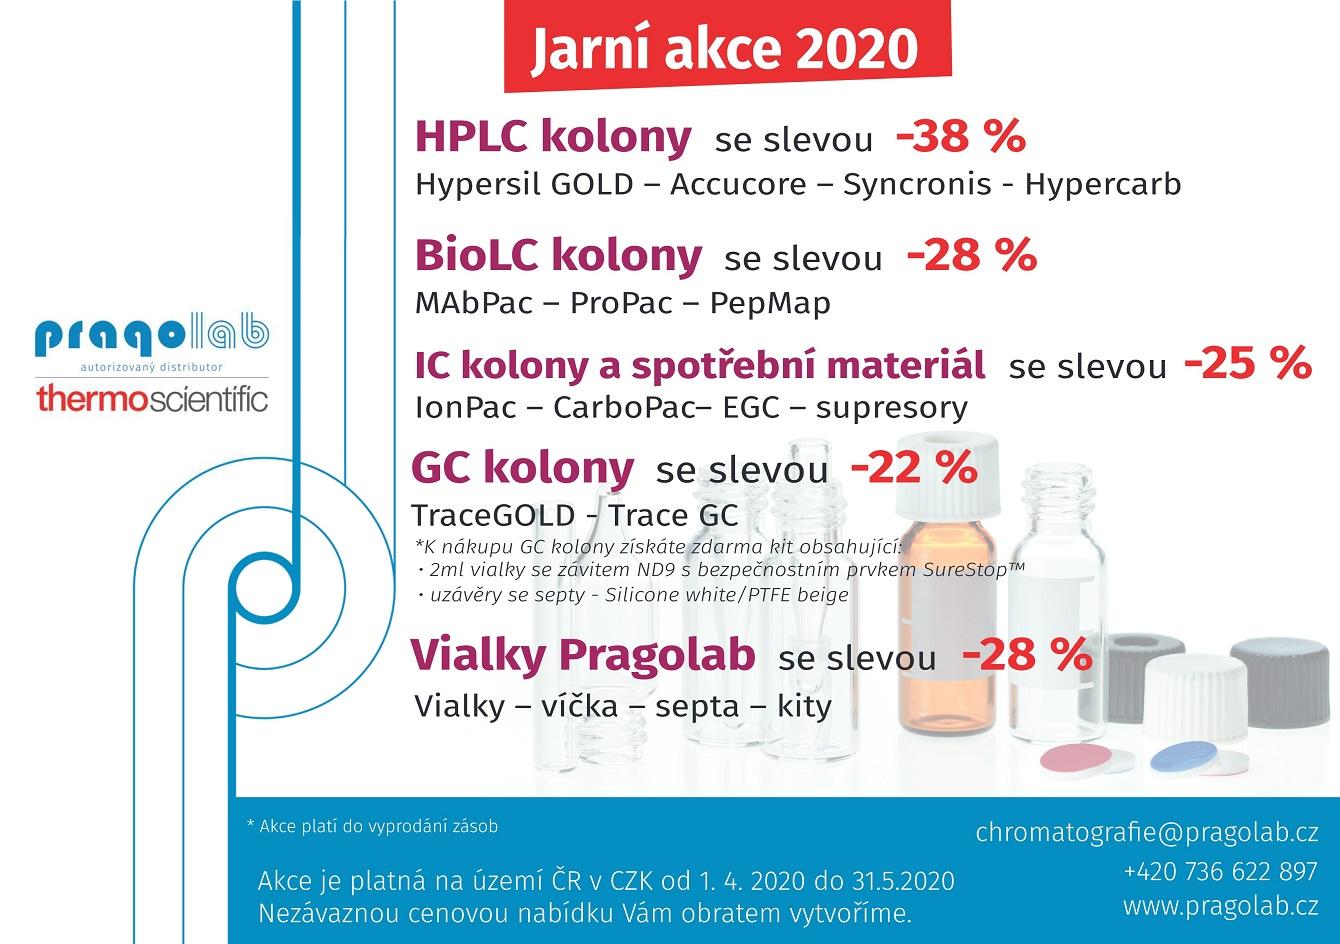 Jarn%C3%AD%20akce_2020.jpg